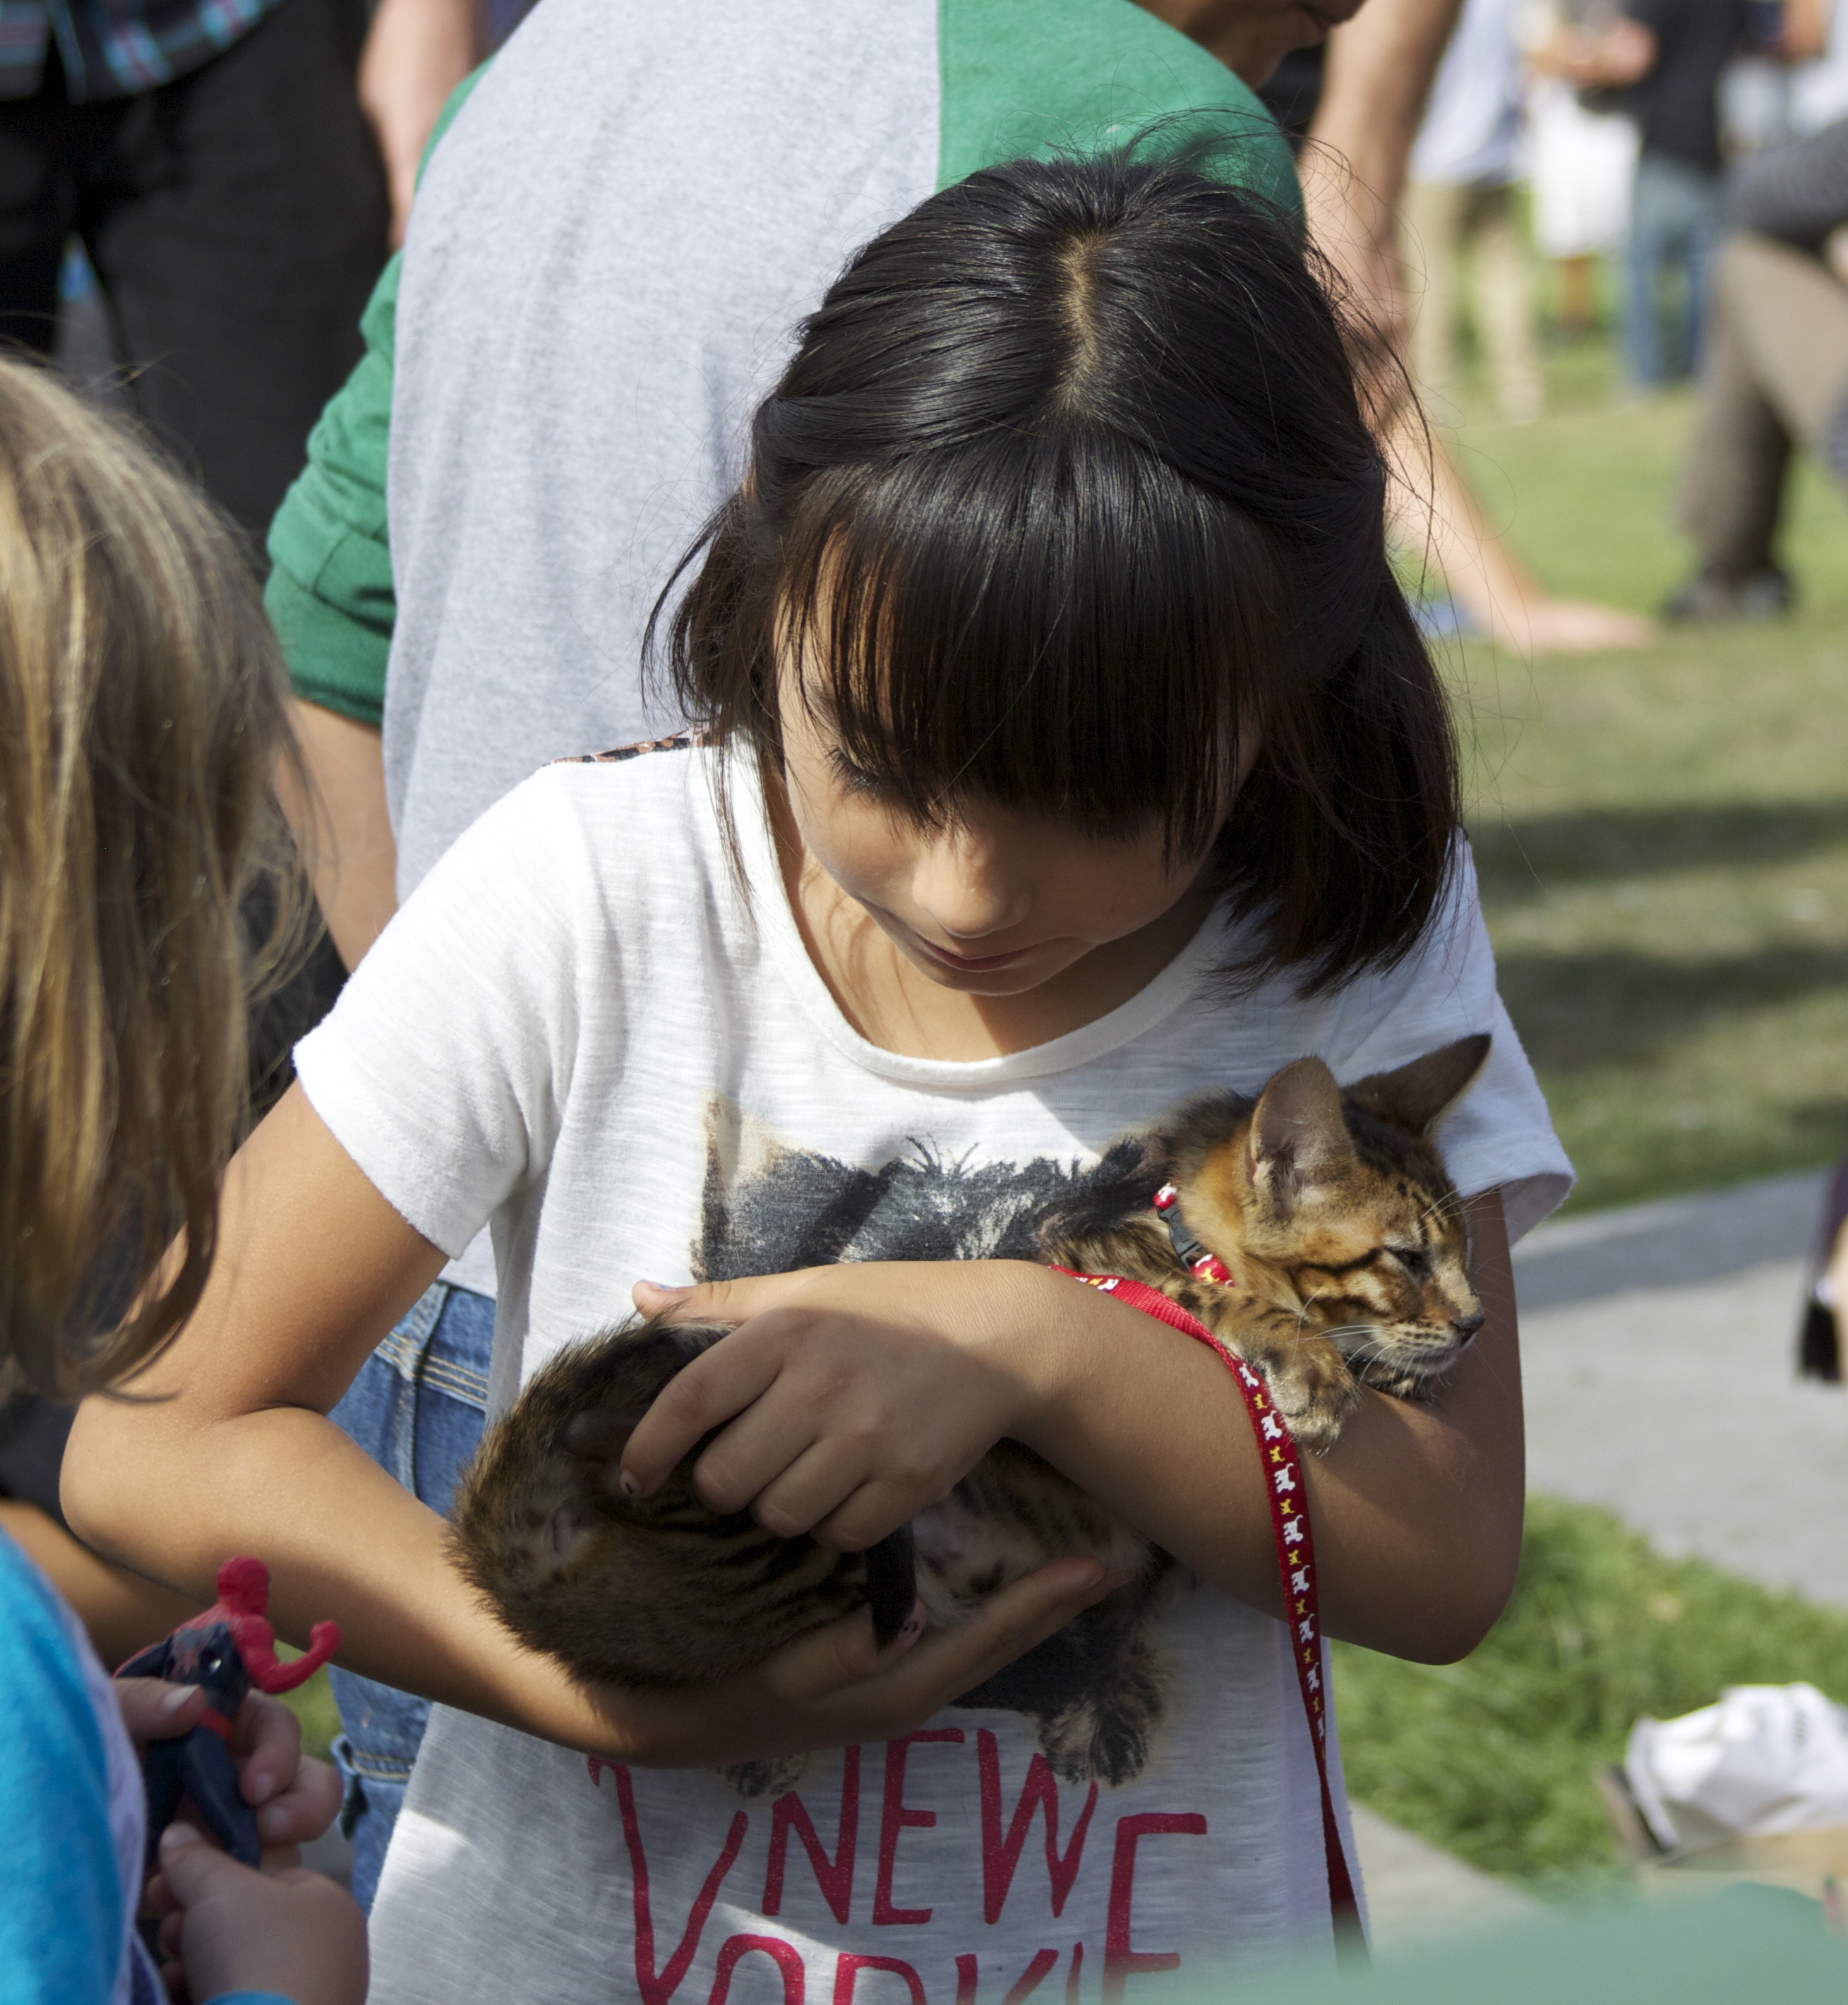 Little Girl Holding Tiger Tabby Kitten